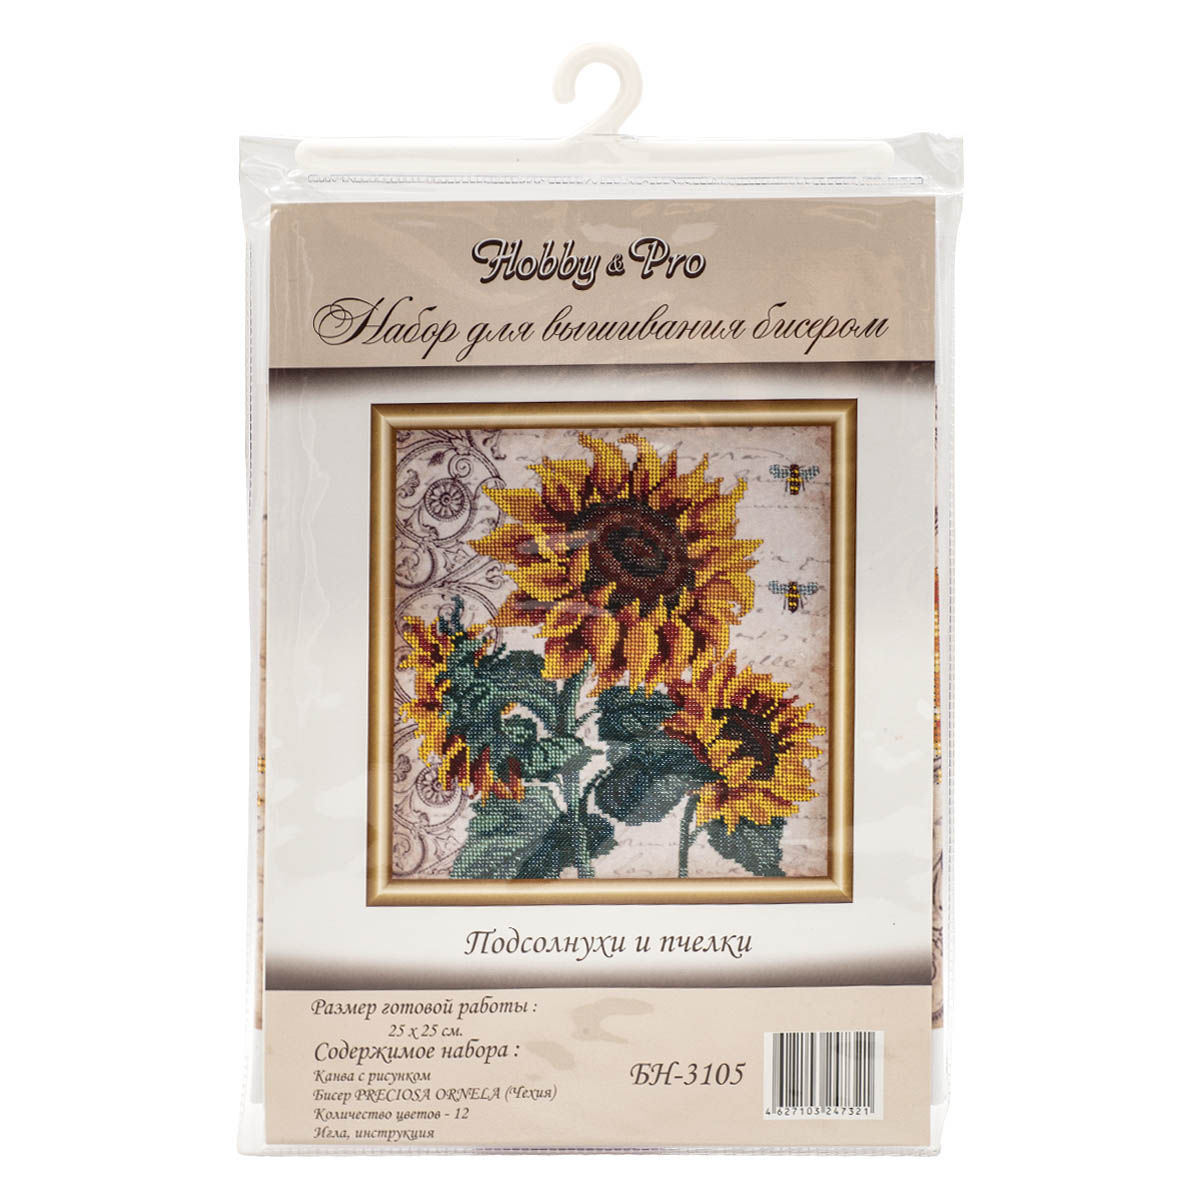 БН-3105 Набор для вышивания бисером Hobby&Pro 'Подсолнухи и пчелки', 25*25 см